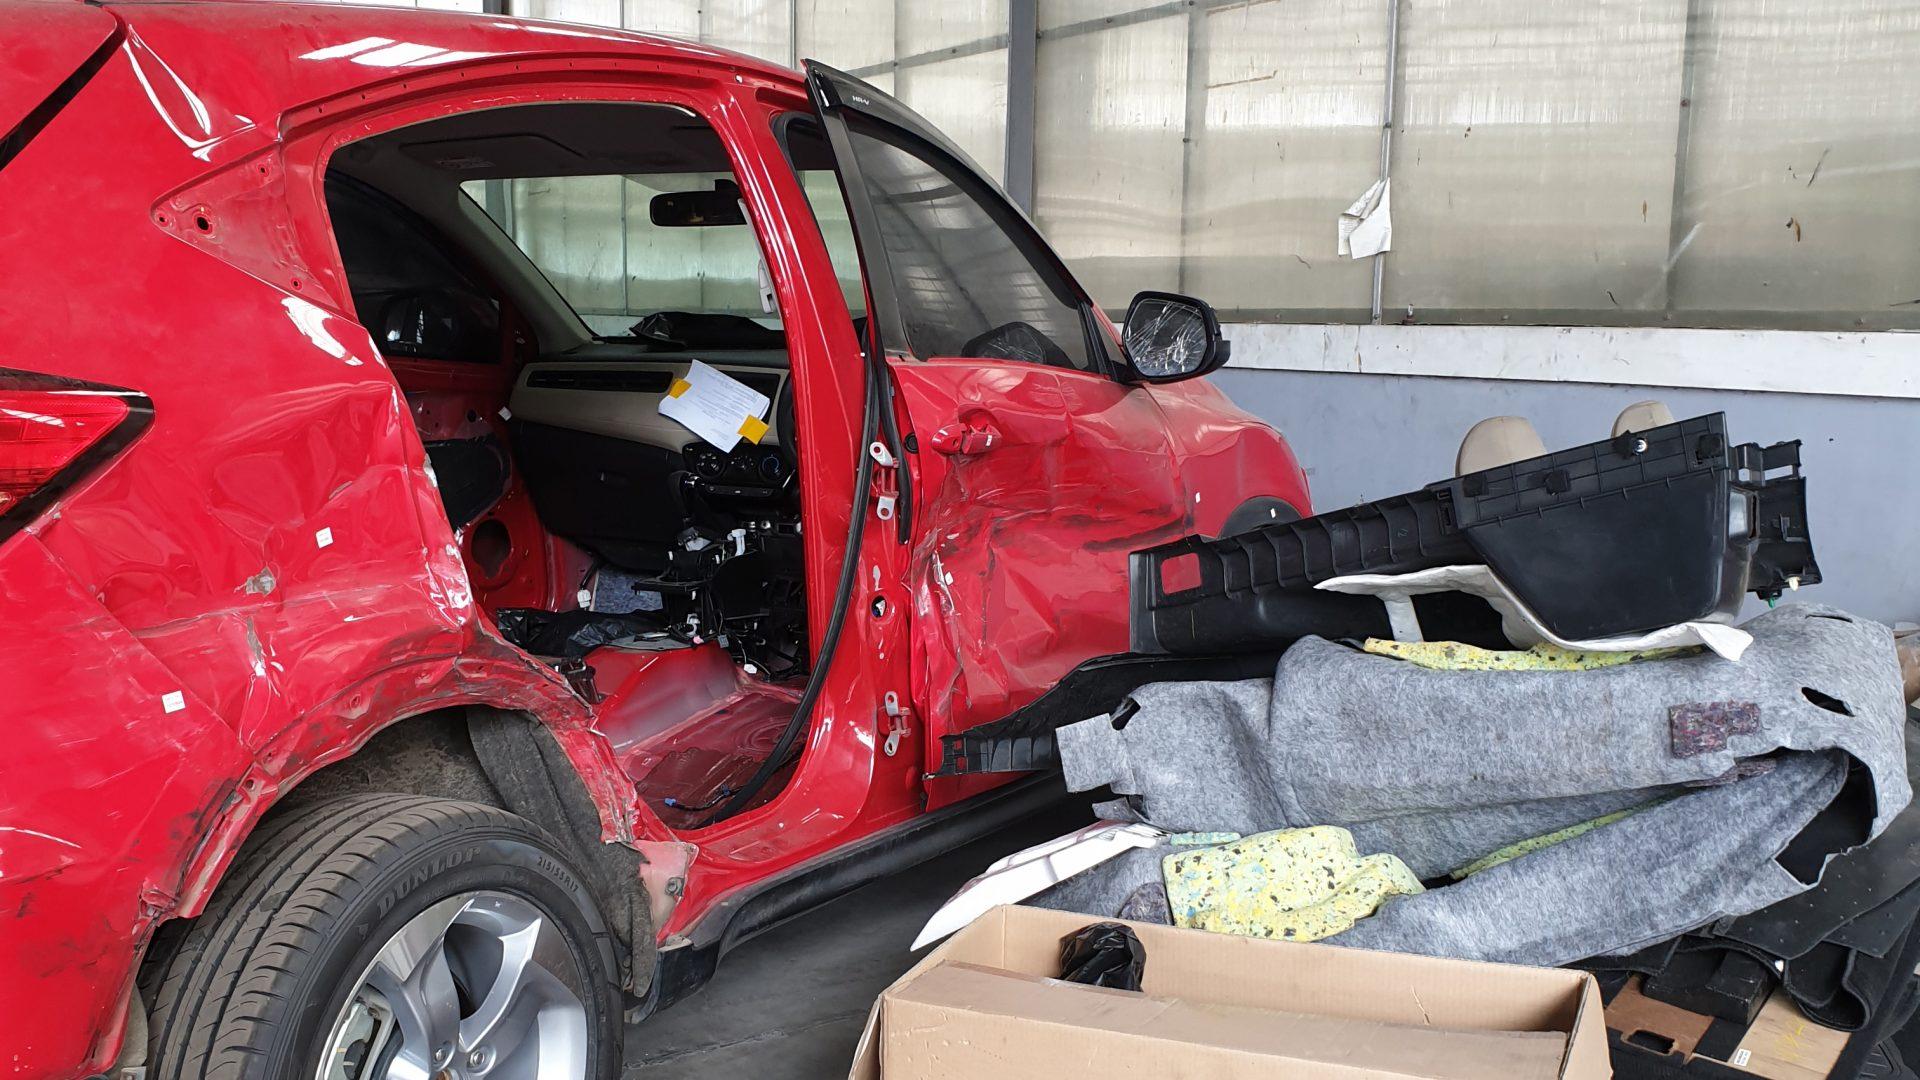 Contoh mobil ringsek di bengkel Tekni Body Repair. Mobil ini sedang dalam proses perbaikan setelah mengalami tabrakan